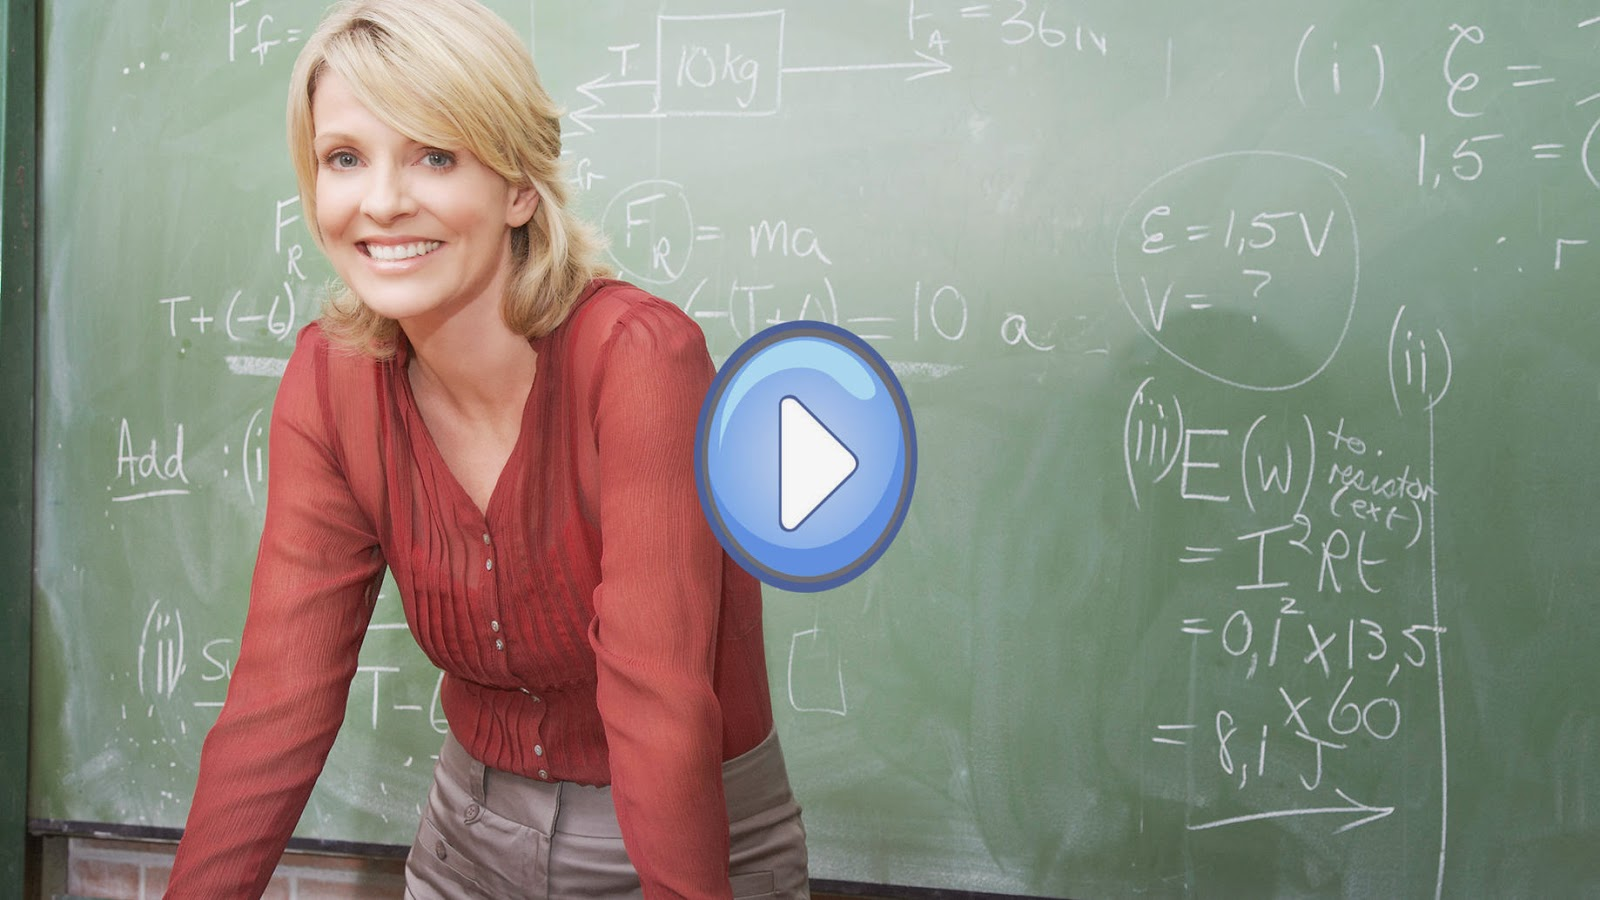 Idea 44 de 1000 ideas de tesis: ¿Cómo se puede enseñar valores y vectores propios en Matemáticas?